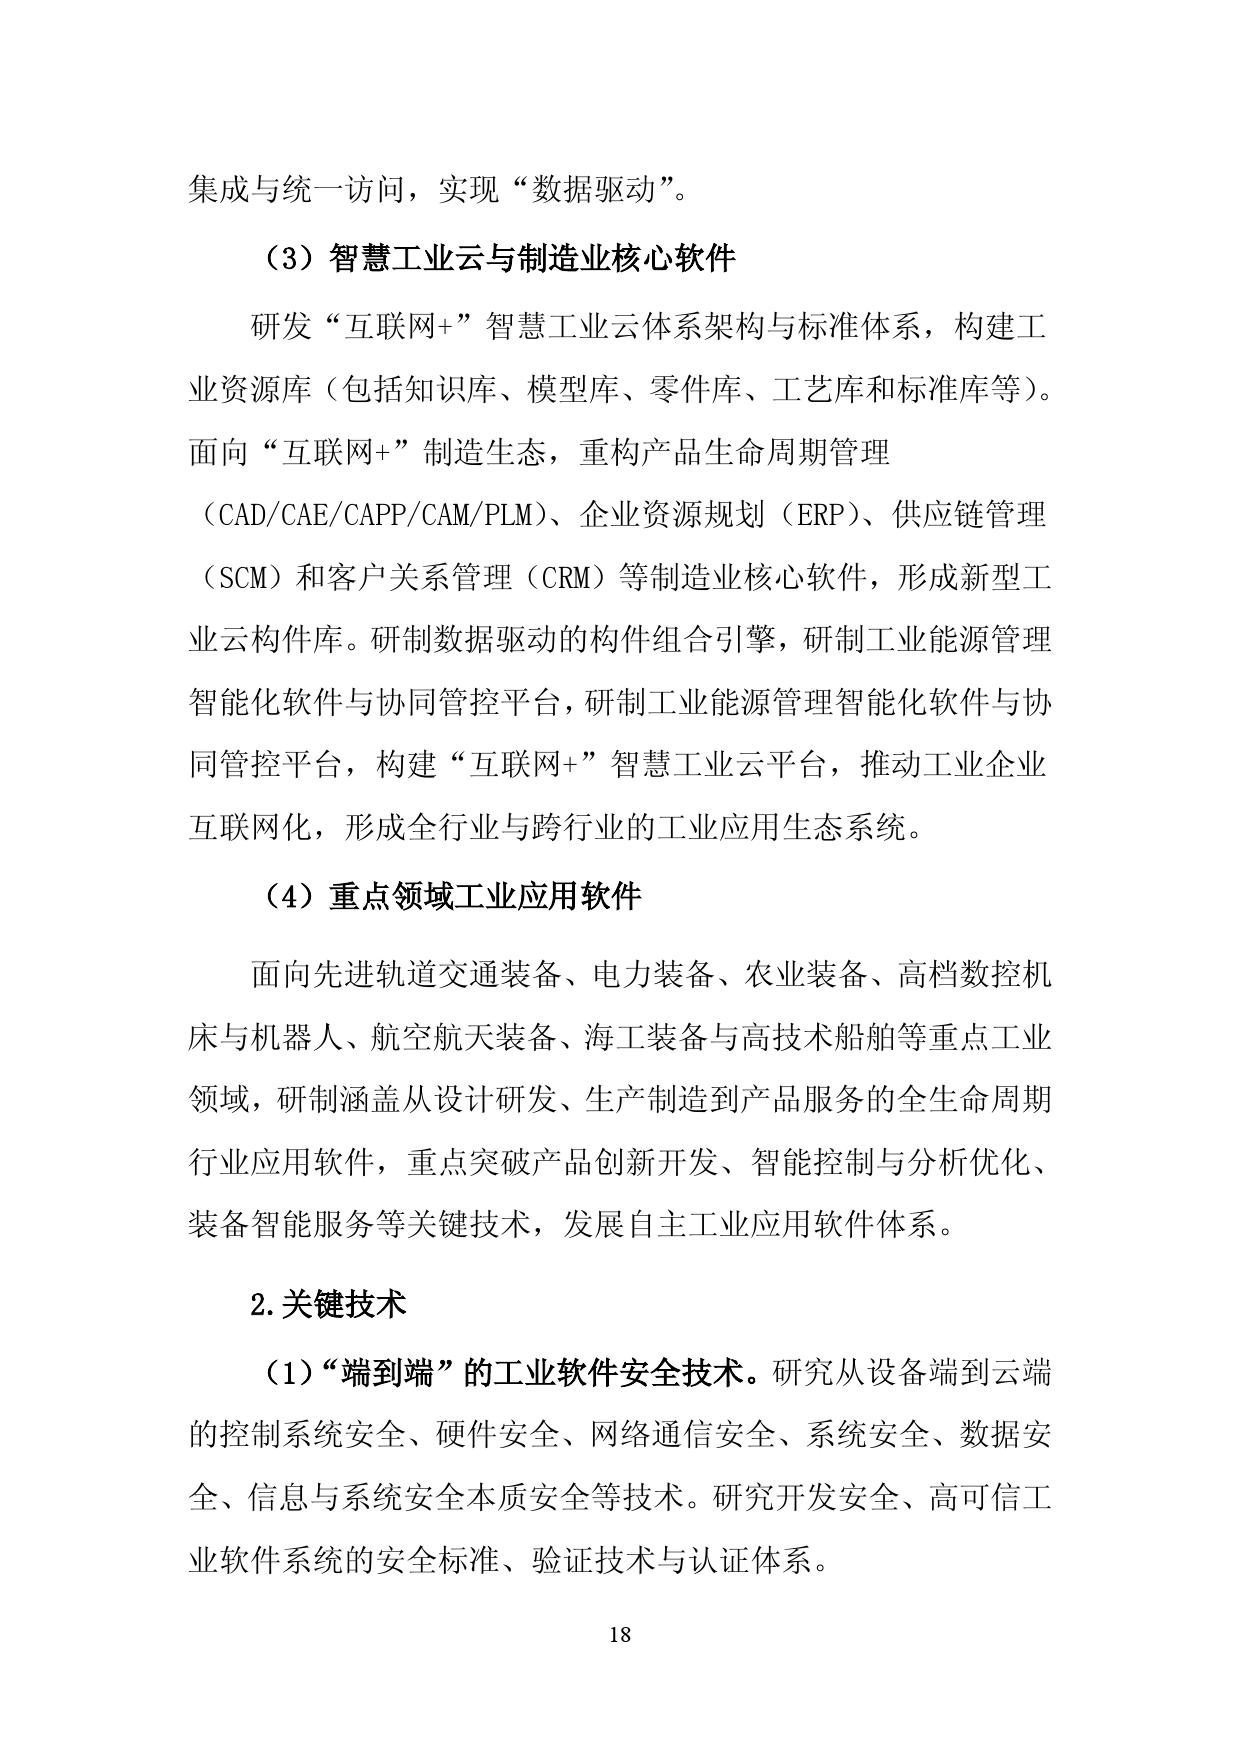 《中国制造 2025》重点领域技术路线图_000024